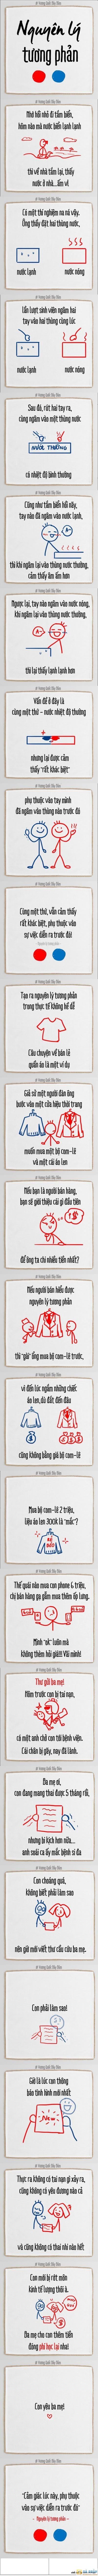 :v  hơi dài :d ace ráng đọc :v  :d  -  haivl | hài hước | hài vl